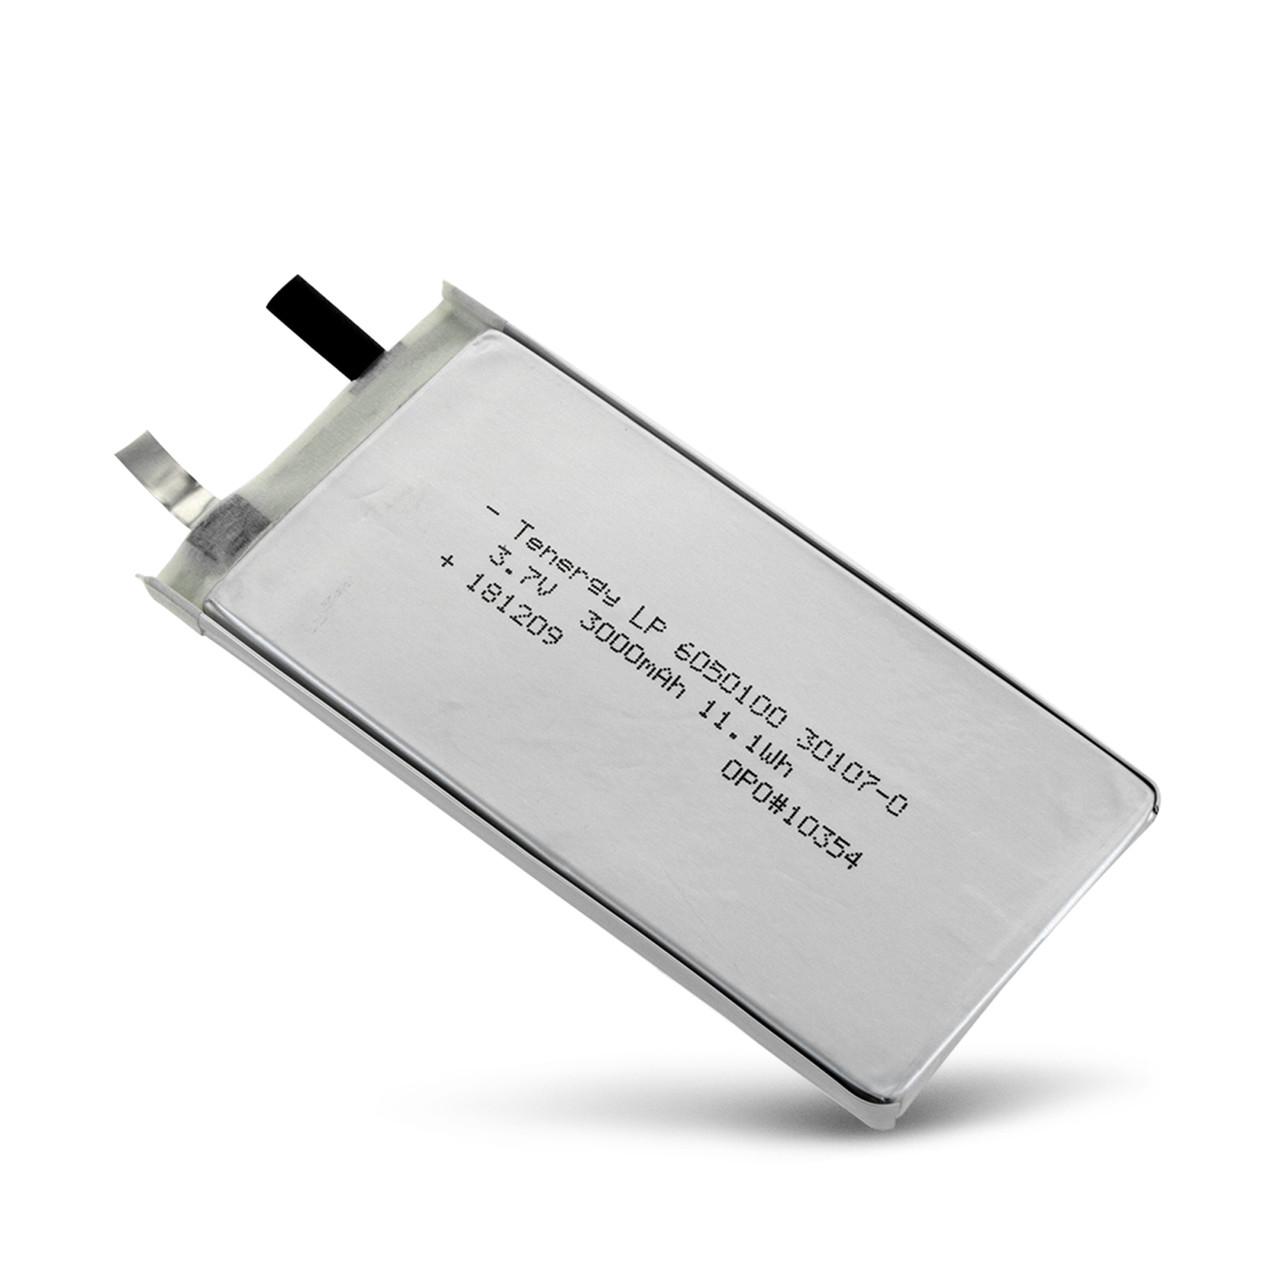 Tenergy Li-Polymer 3.7V 3000mAh (6050100) Battery - UL Listed